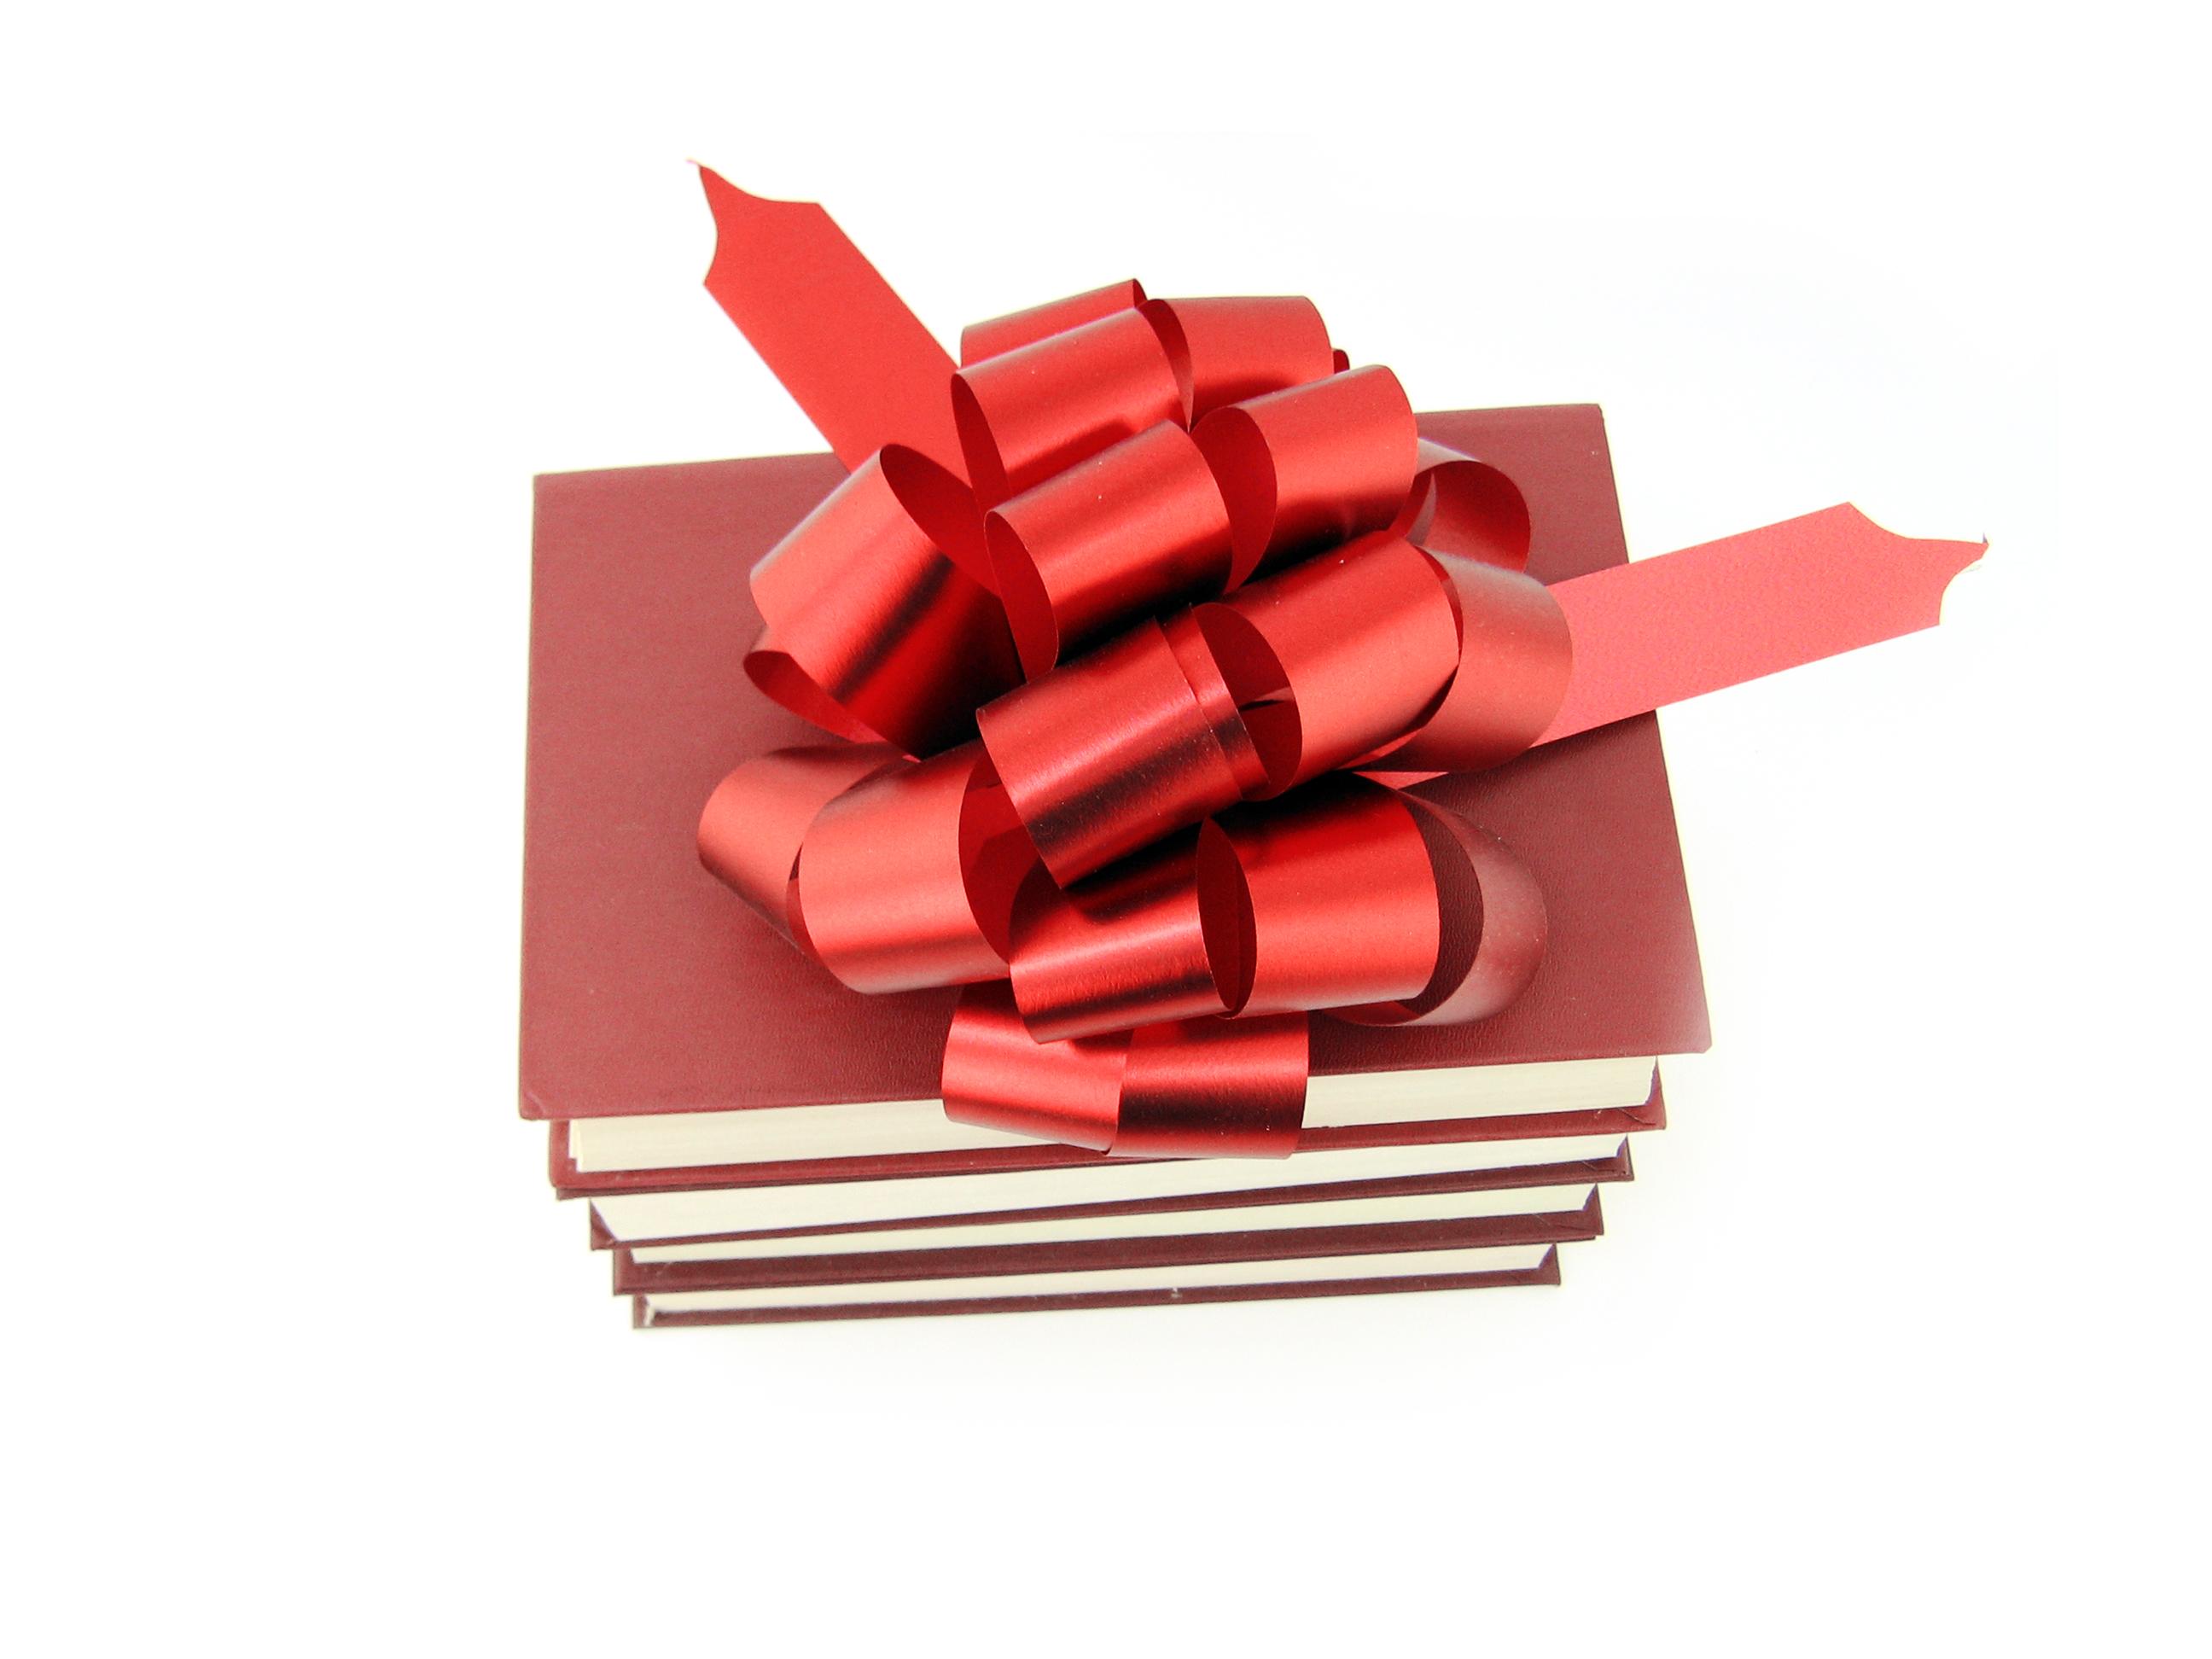 Gift books, Anniversary, Red, Literacy, Literary, HQ Photo